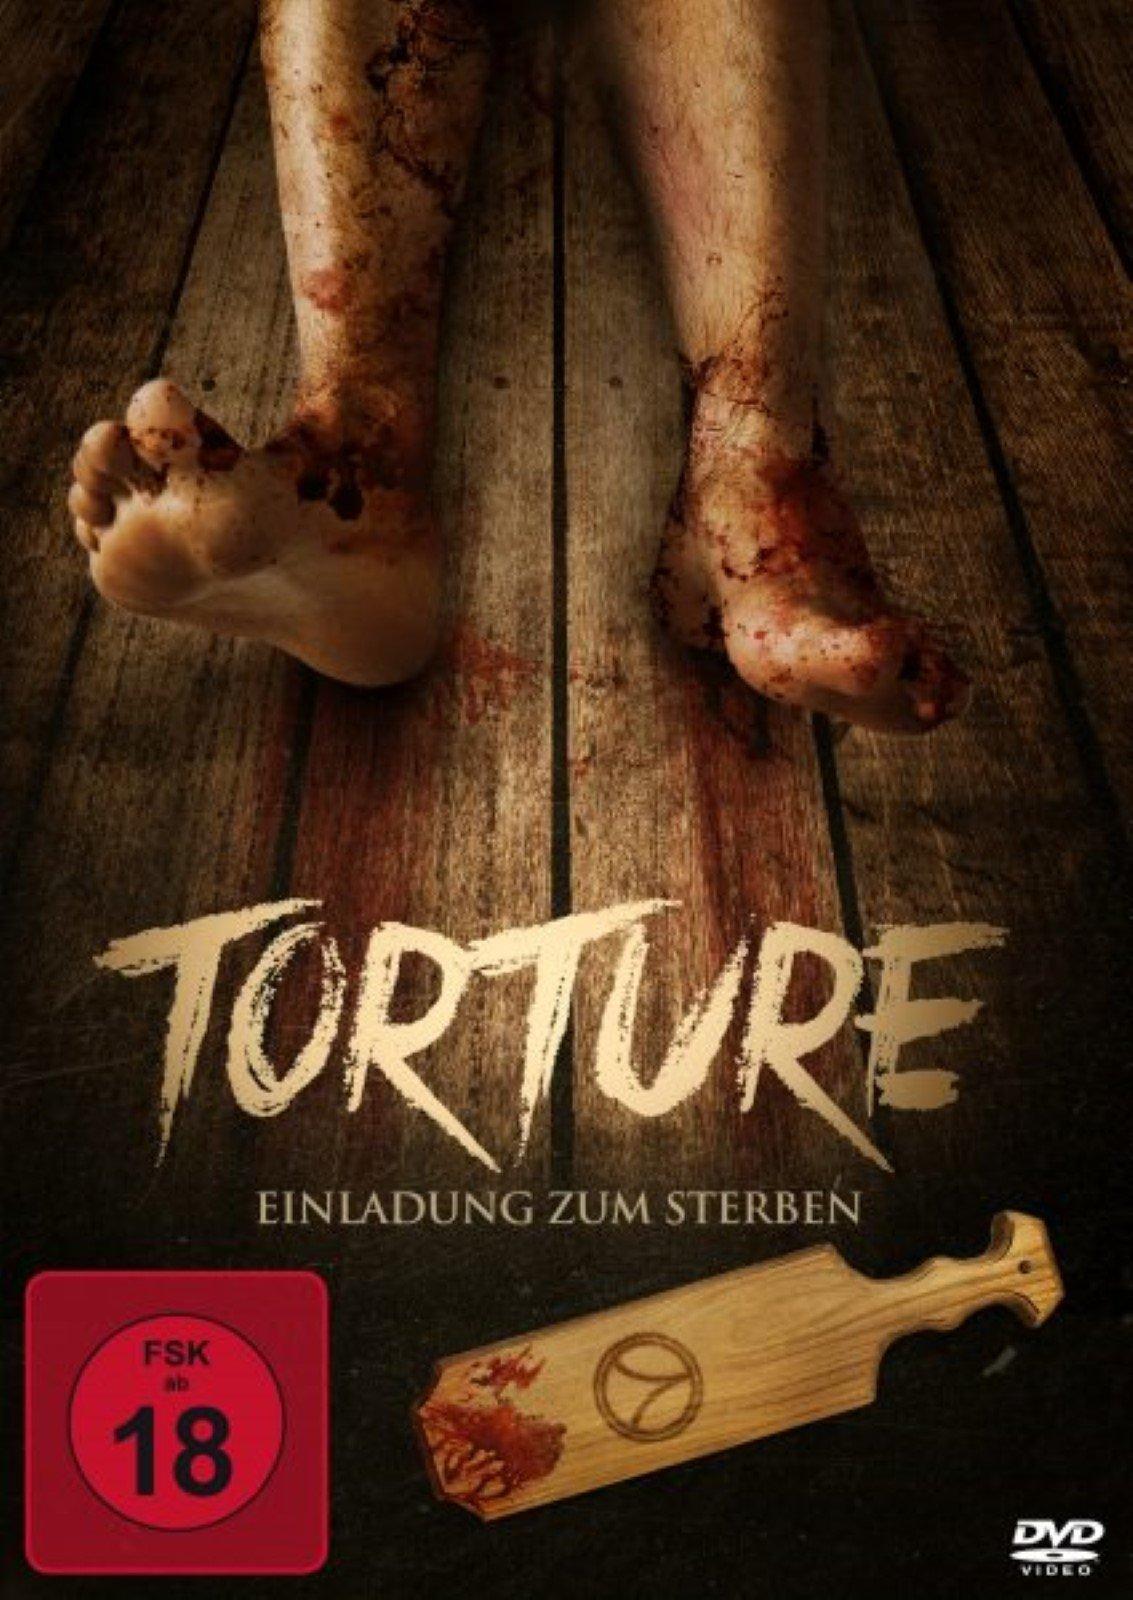 [DE] Torture: Einladung zum Sterben